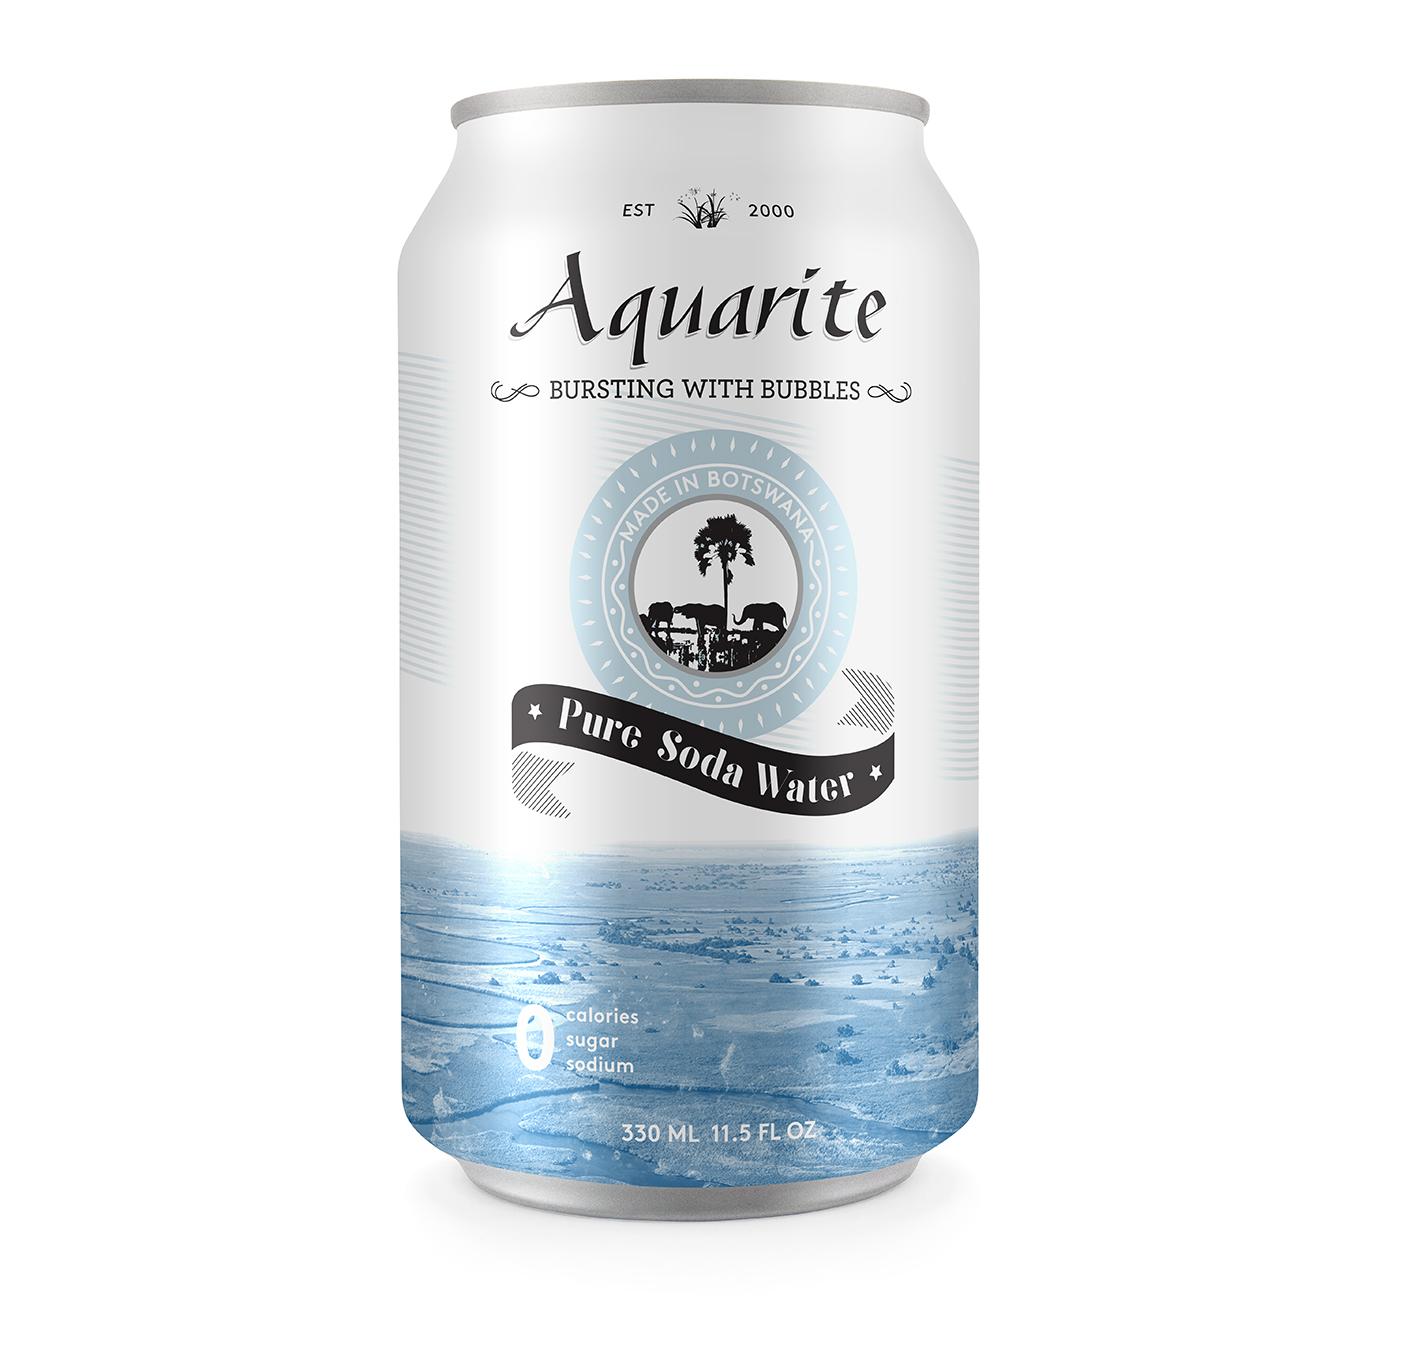 aquarite_packaging.jpg